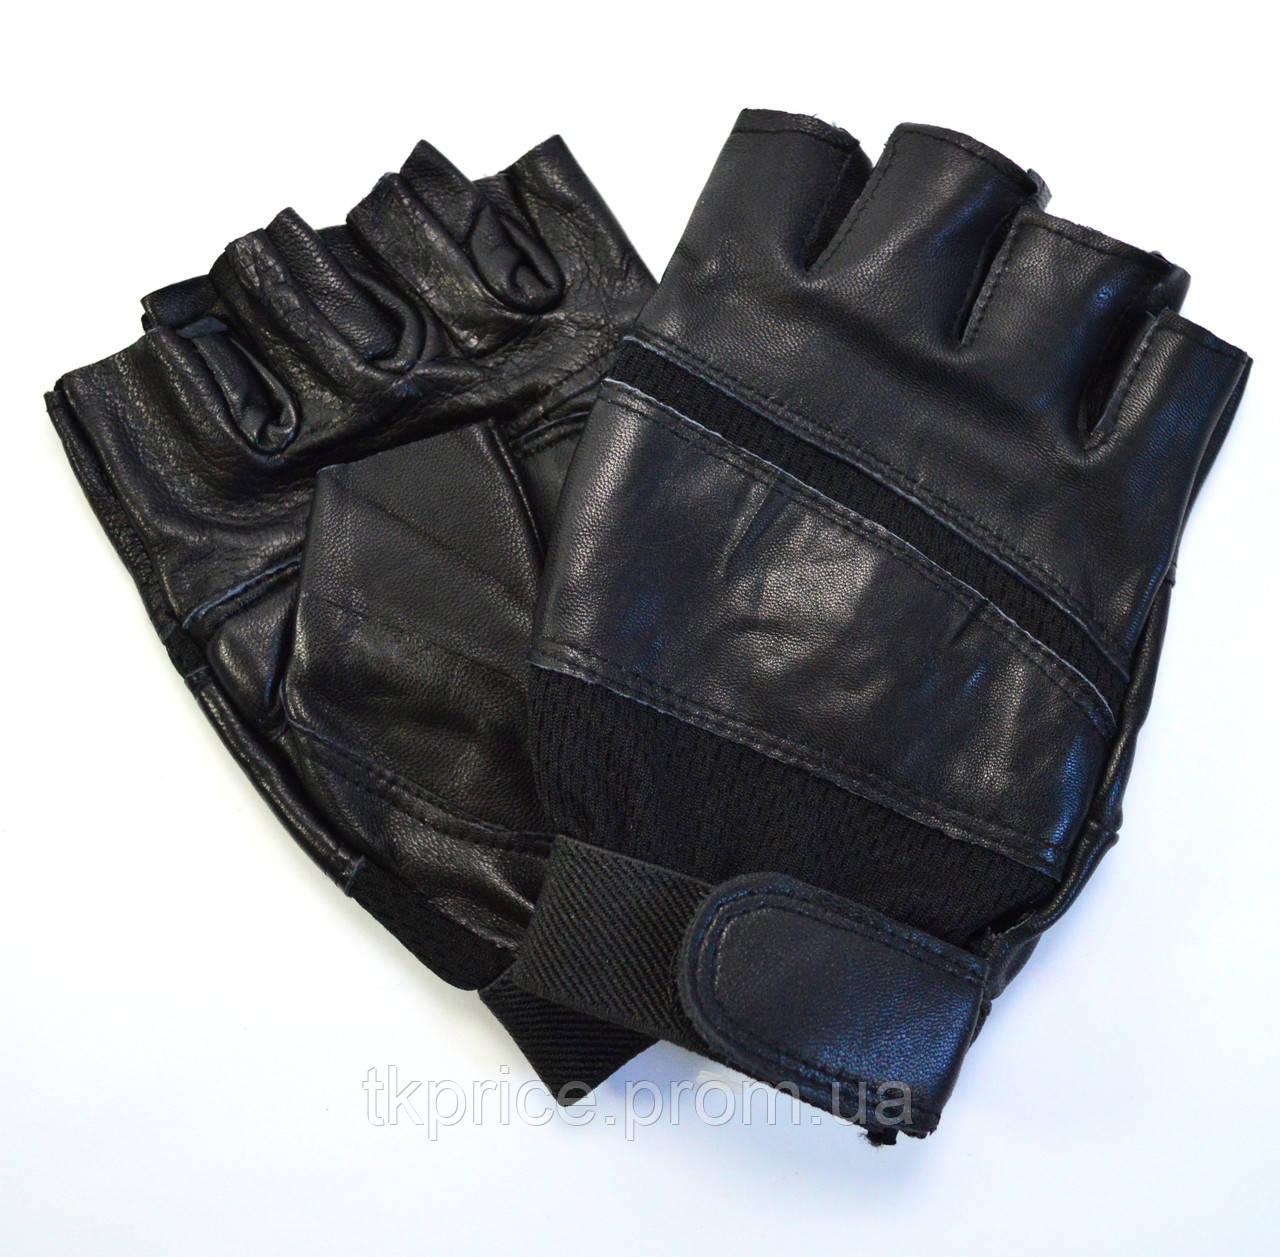 Мужские кожаные перчатки без пальцев с усиленной ладошкой